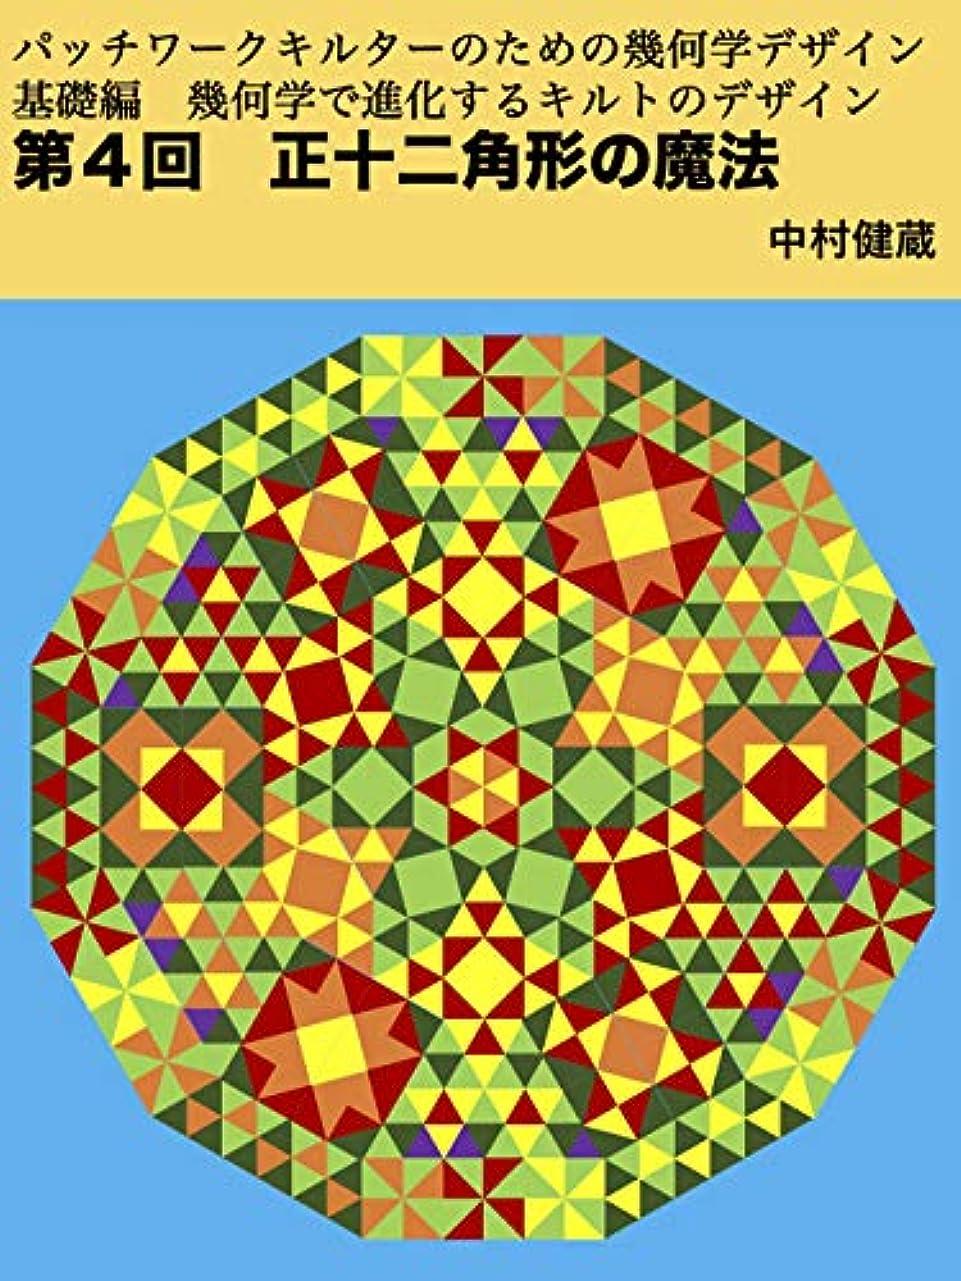 中傷例植物学者第4回 正十二角形の魔法: 基礎編 幾何学で進化するキルトデザイン パッチワークキルターのための幾何学デザイン